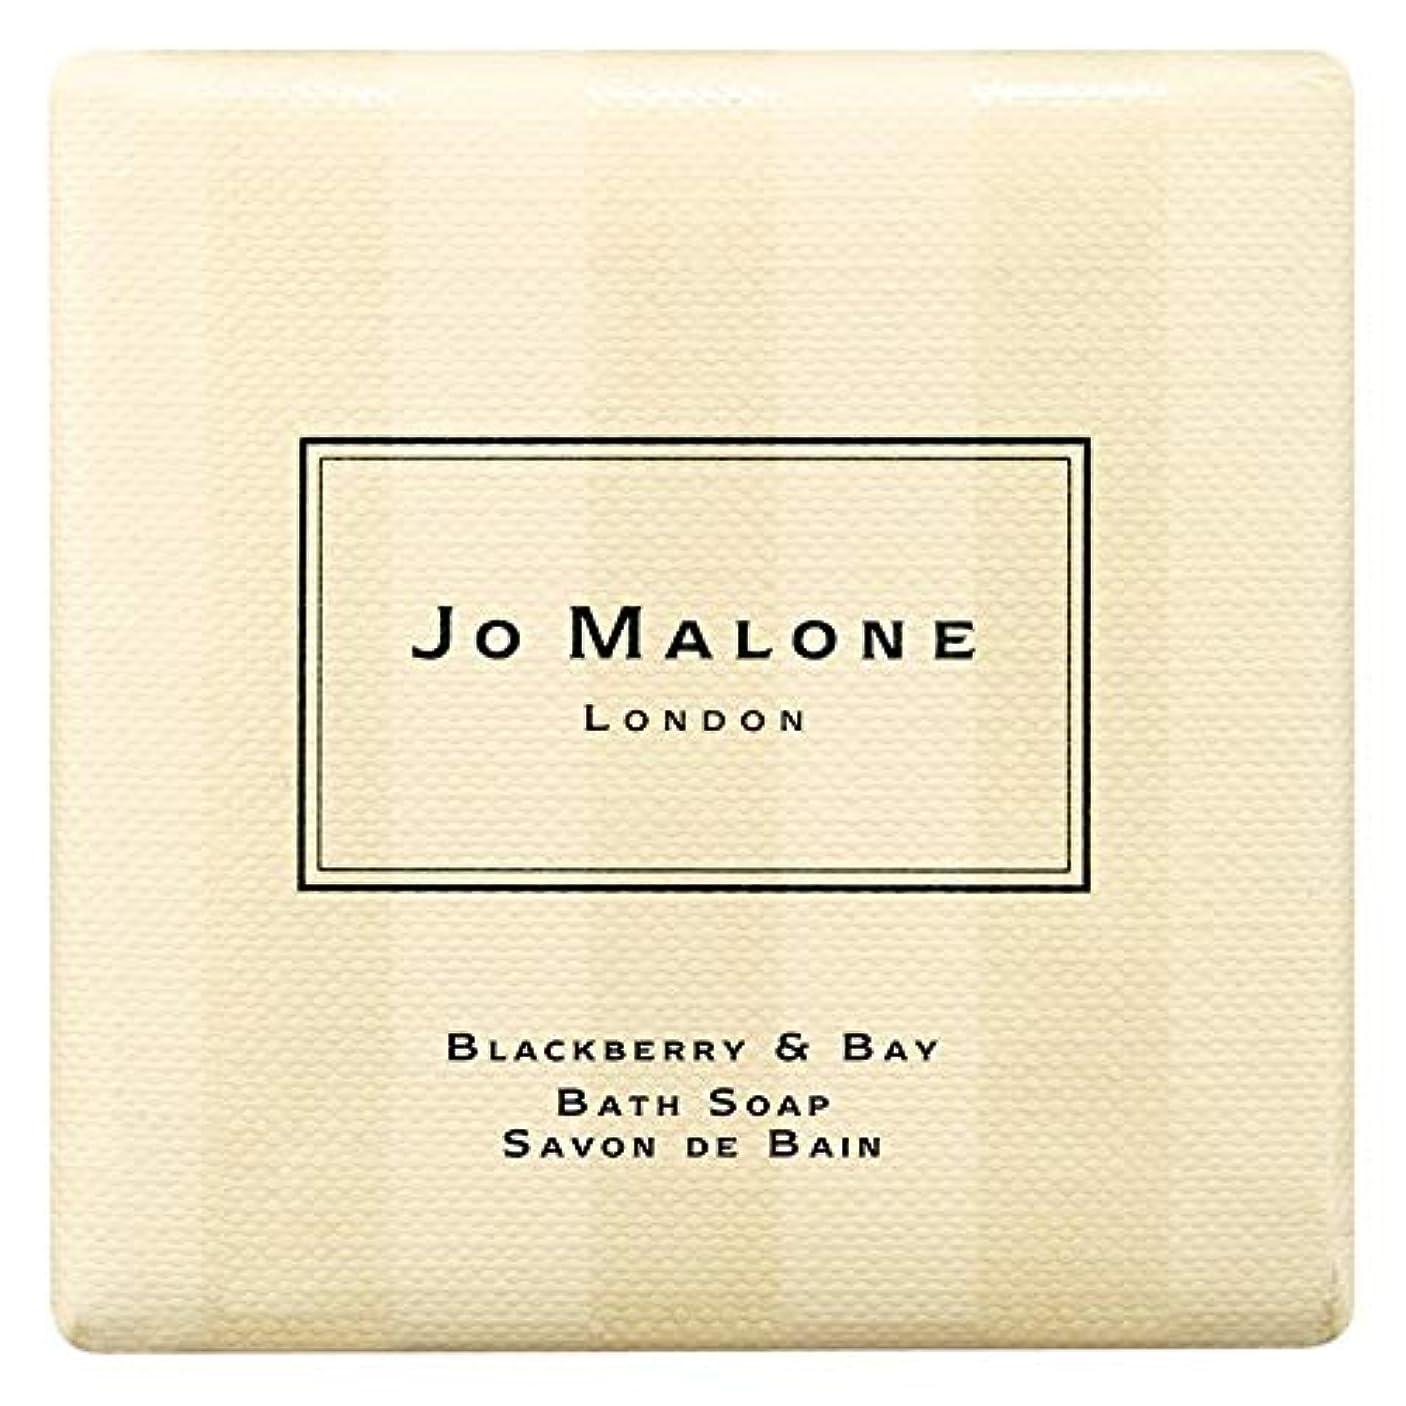 配列オレンジ師匠[Jo Malone] ジョーマローンロンドンブラックベリー&ベイ入浴石鹸100グラム - Jo Malone London Blackberry & Bay Bath Soap 100g [並行輸入品]